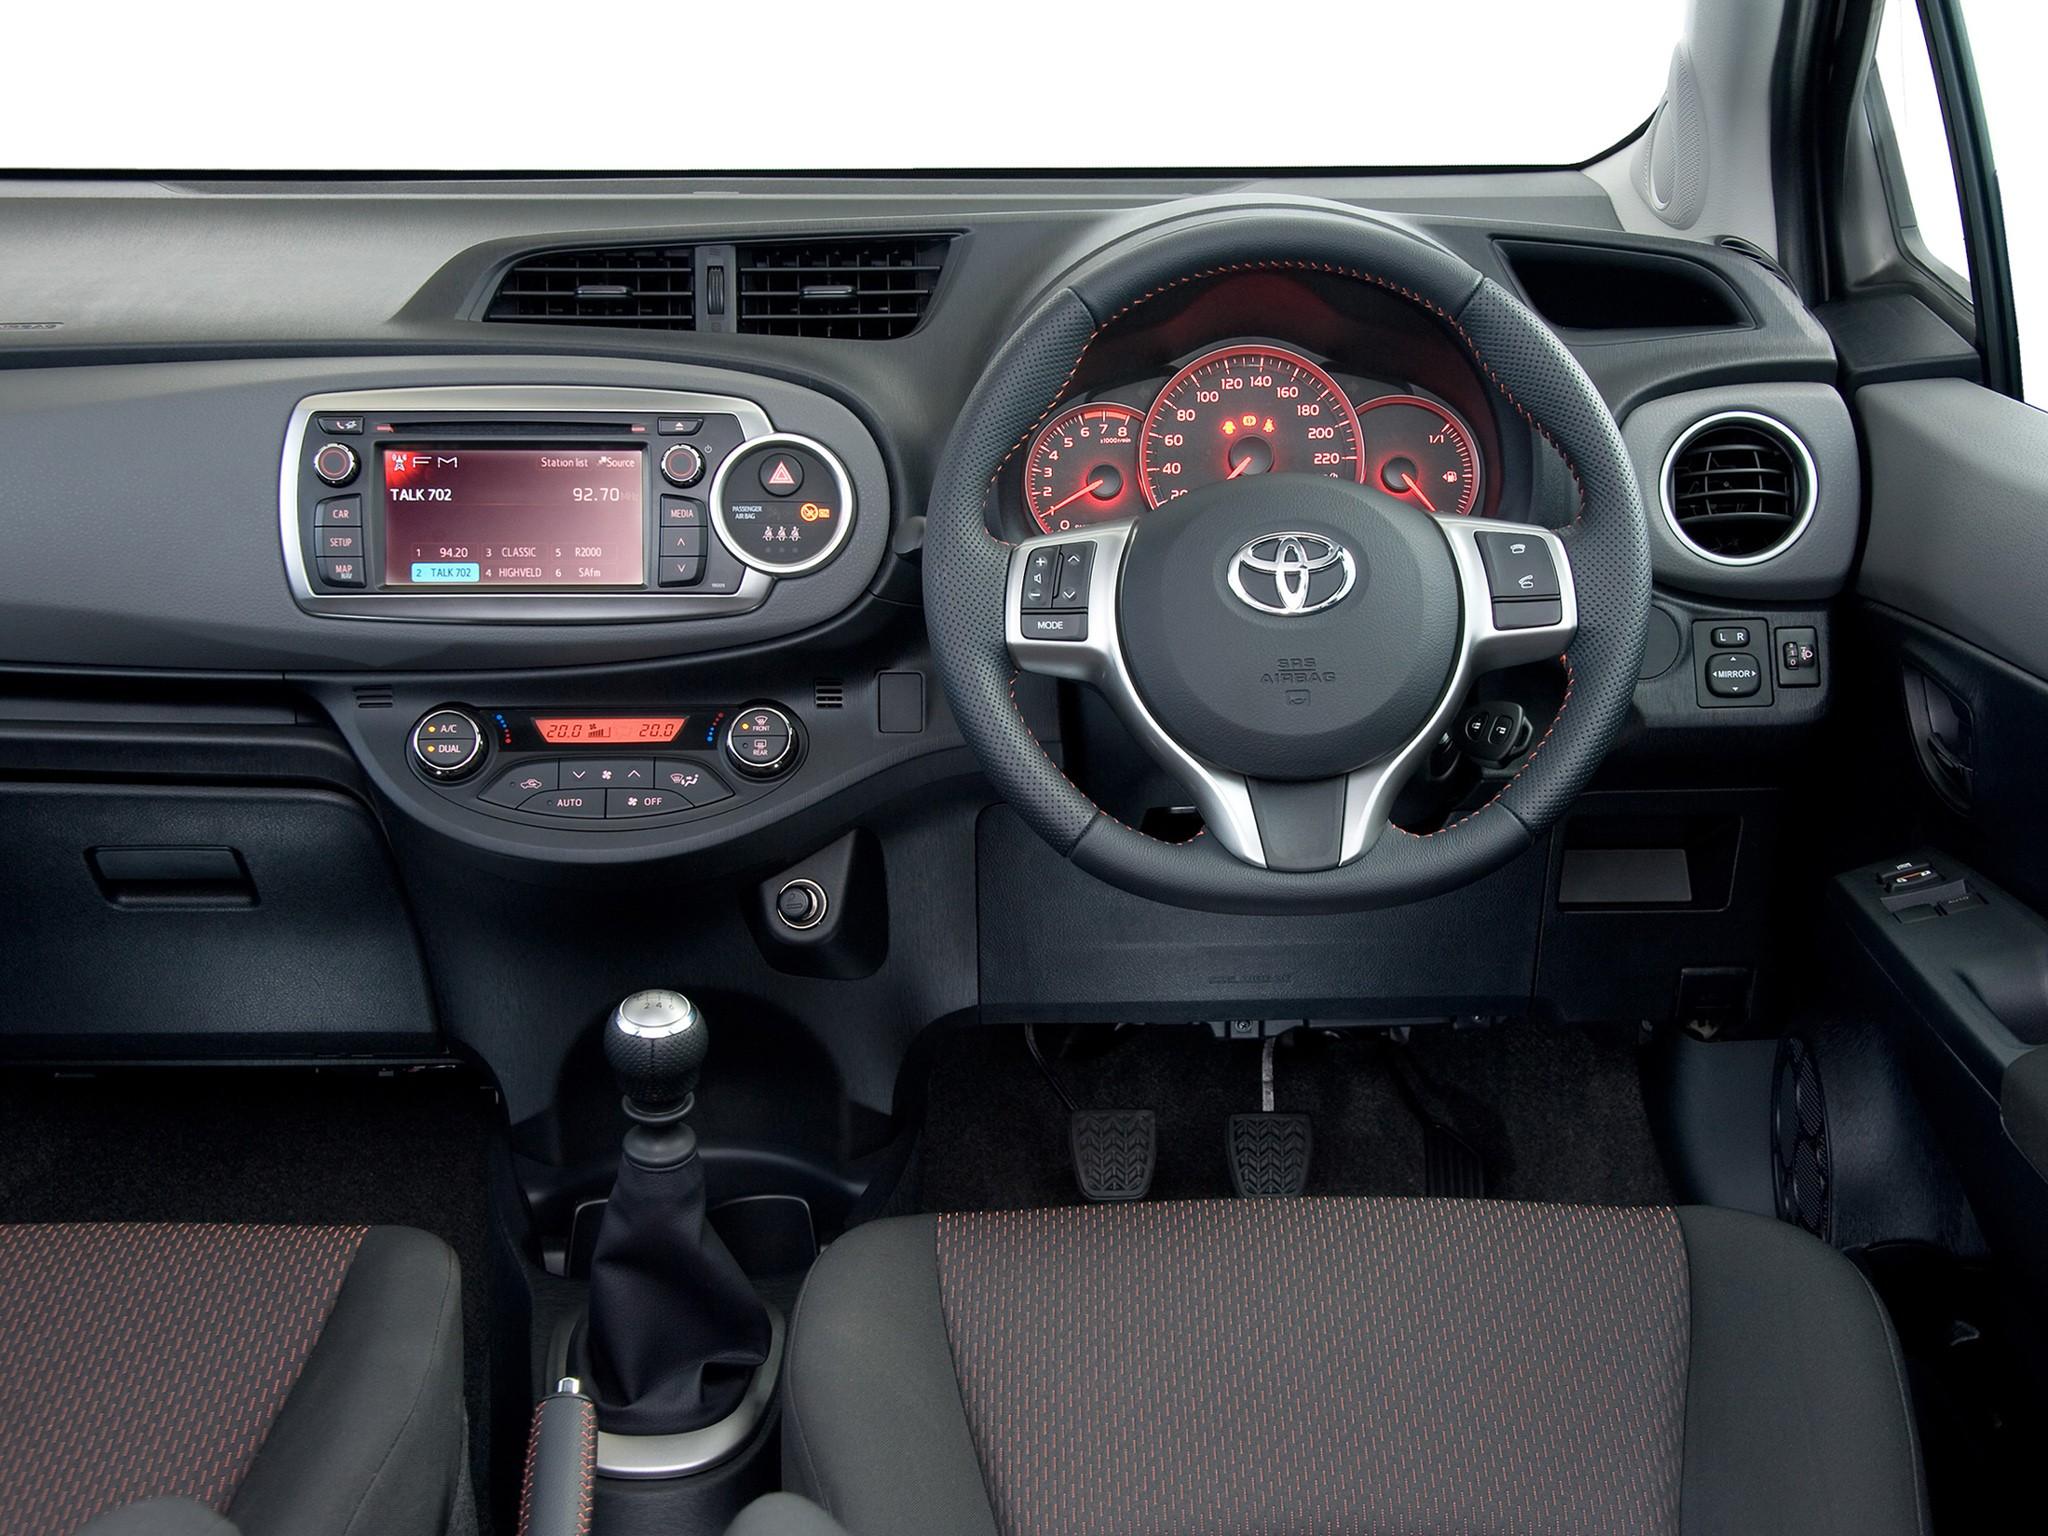 Toyota Yaris 3 Doors Specs 2011 2012 2013 2014